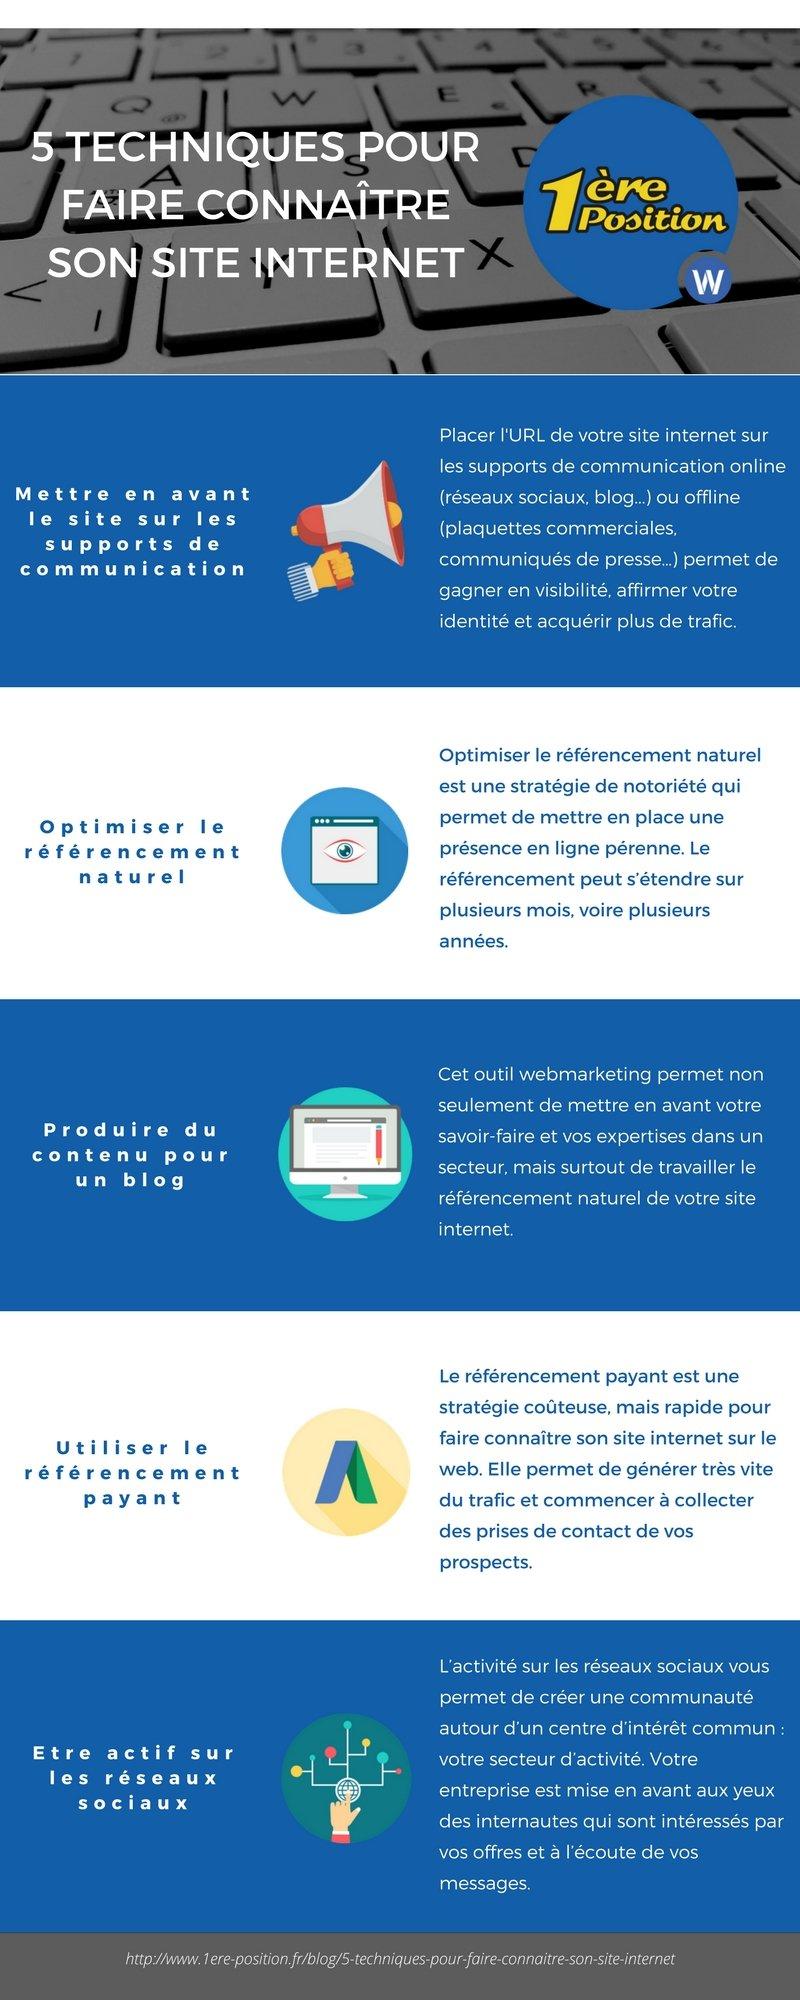 infographie - 5 technique pour faire connaitre son site web - 1ère Position